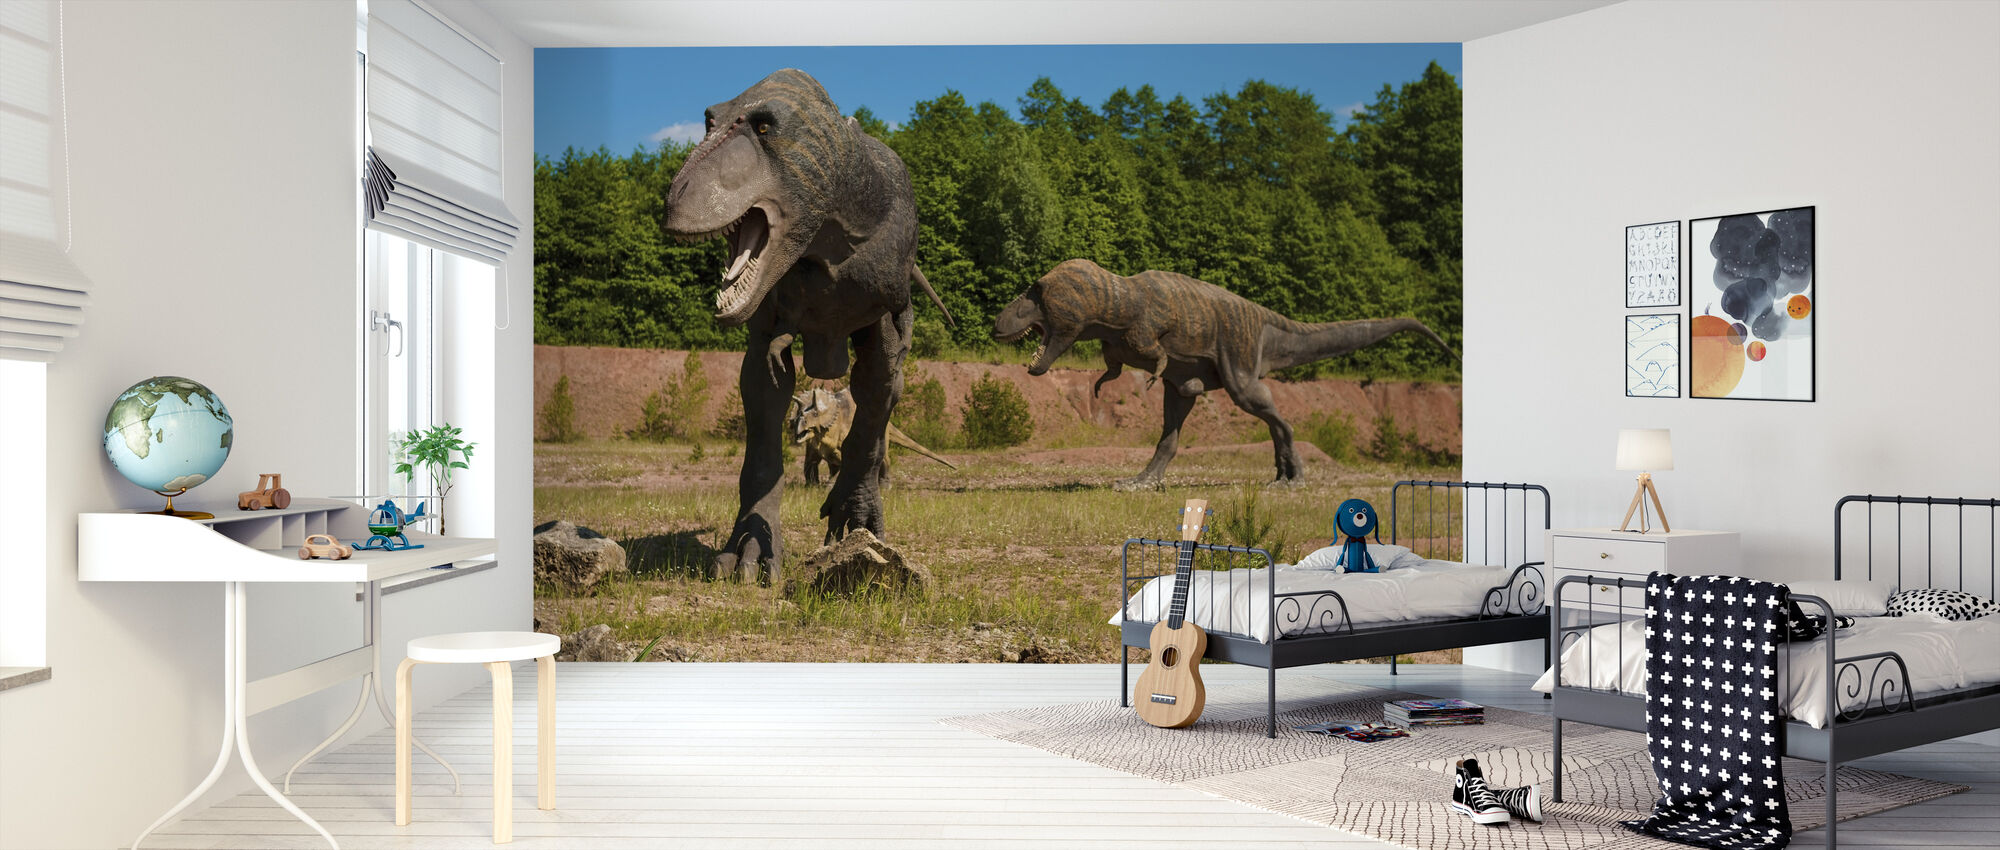 Monsterlijke dinosaurus - Behang - Kinderkamer